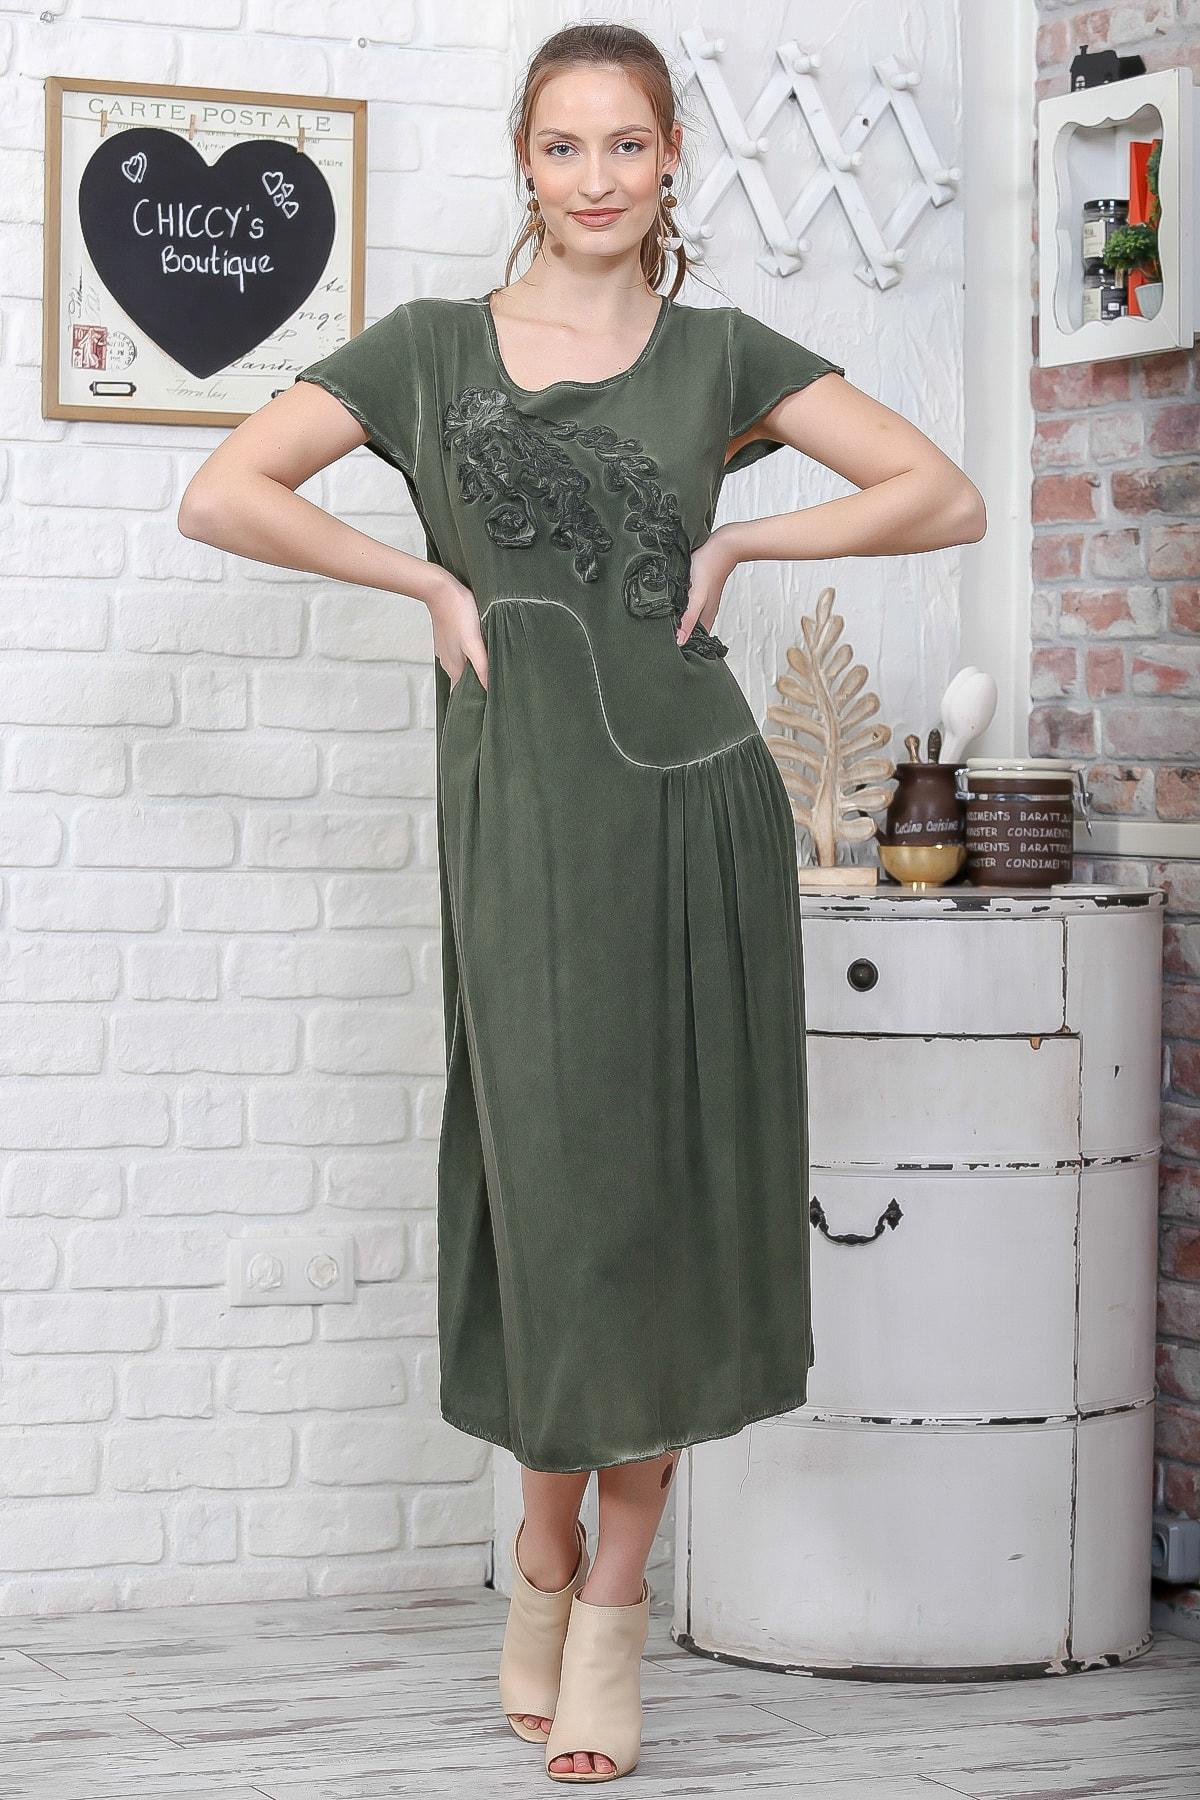 Chiccy Kadın Haki Sıfır Yaka Süzene Çiçek Aplikeli Salaş Yıkamalı Elbise M10160000EL95109 2